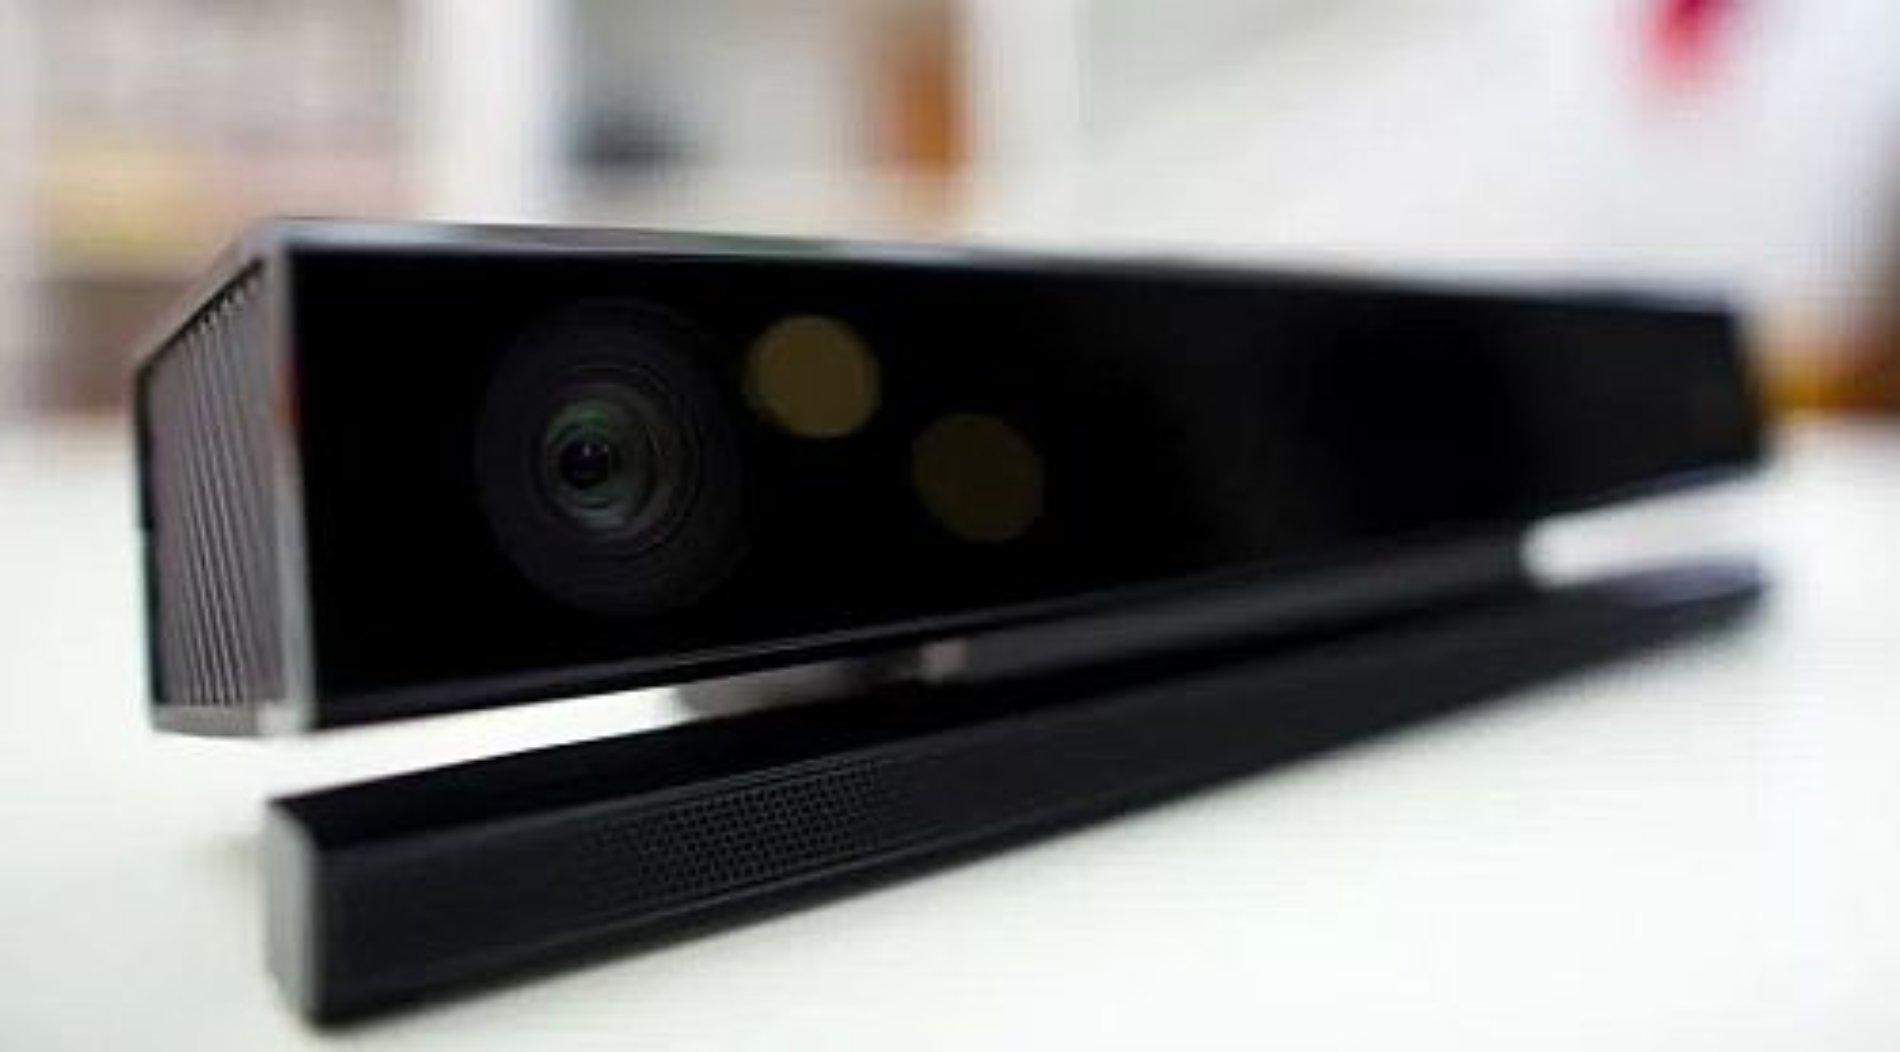 Termina Microsoft con la producción de Kinect